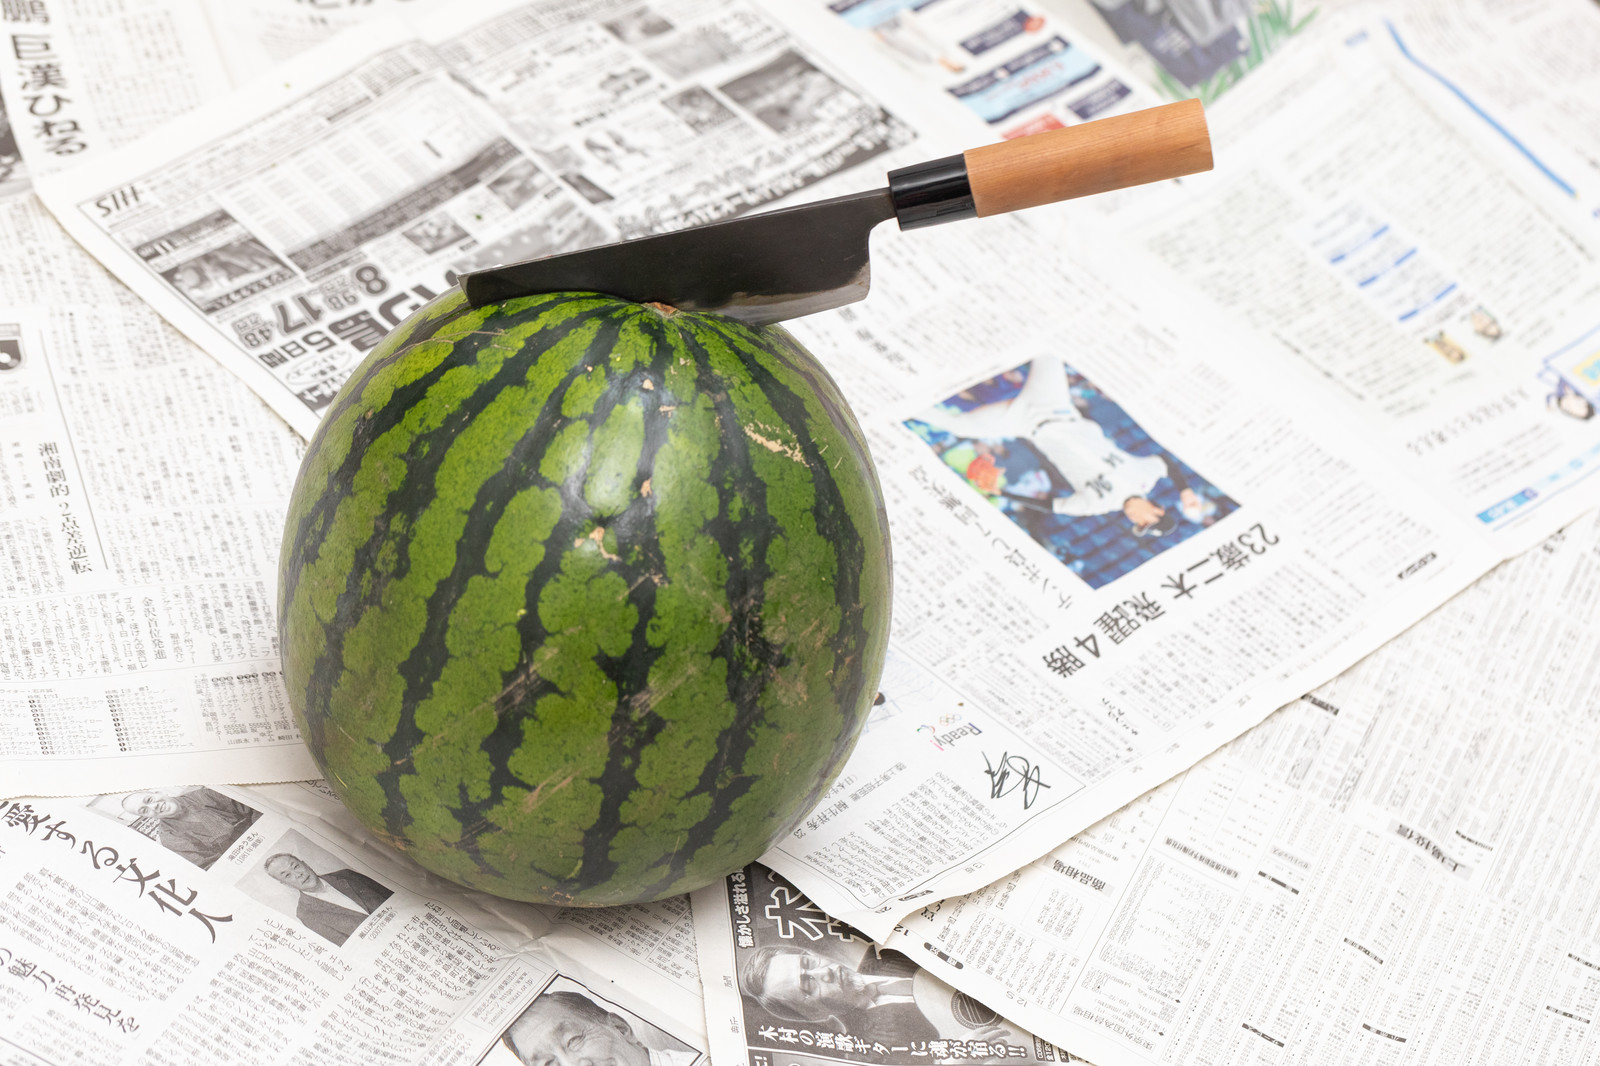 「薄刃包丁が西瓜にぐっさり」の写真